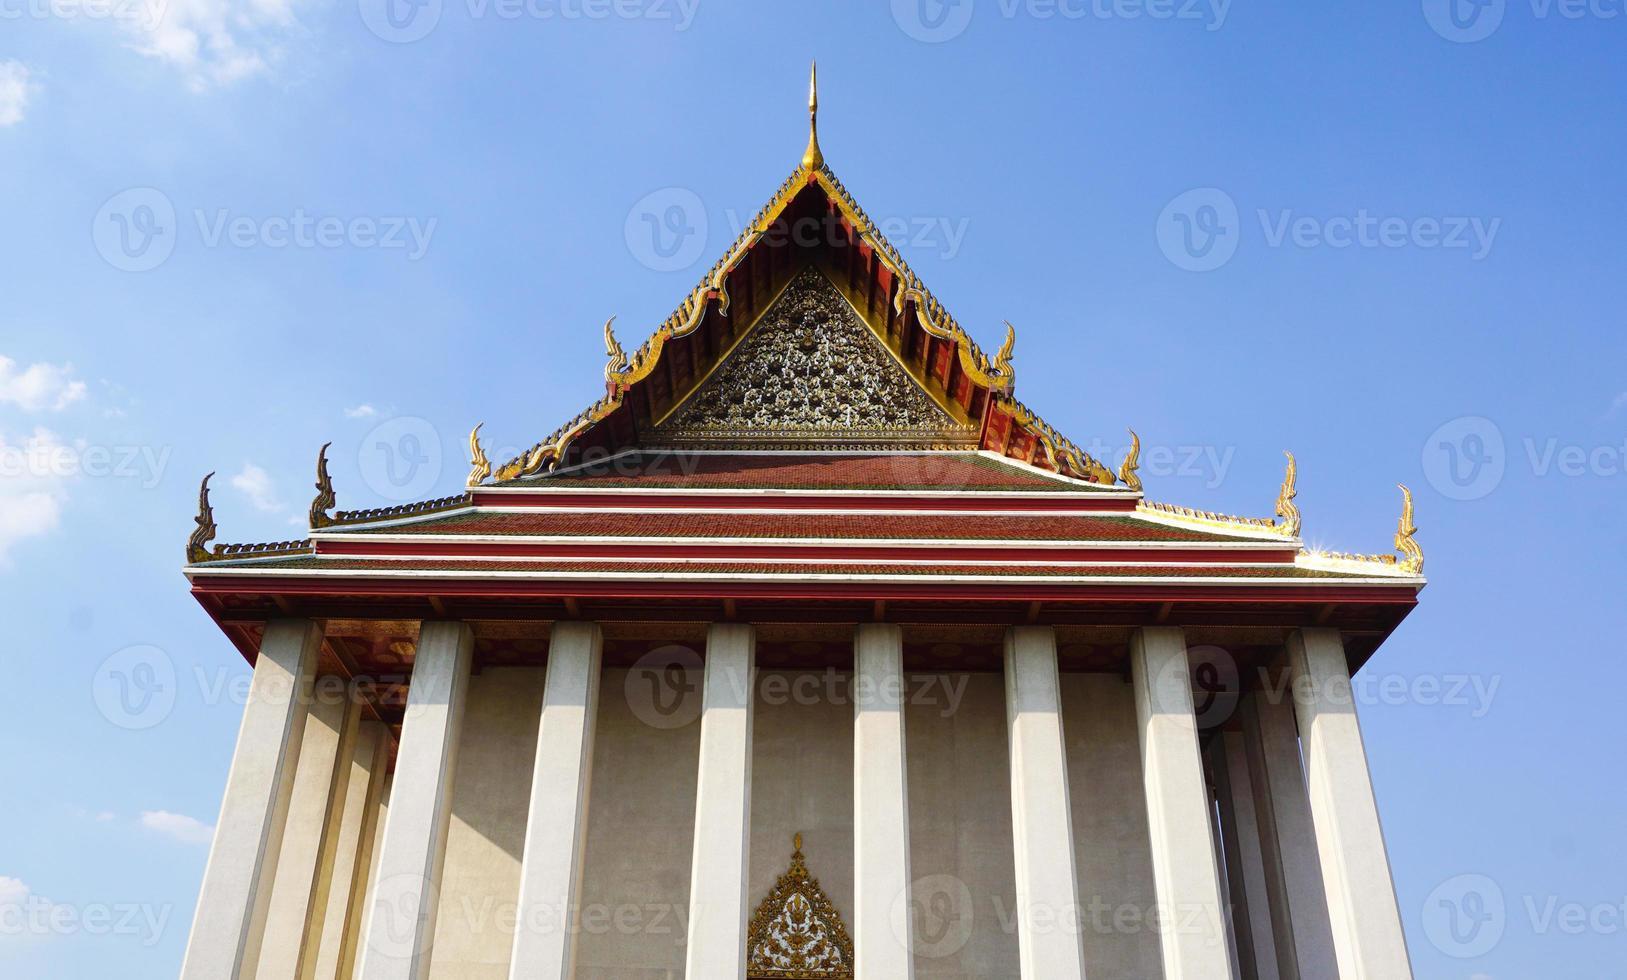 Wat saket à Bangkok, Thaïlande photo